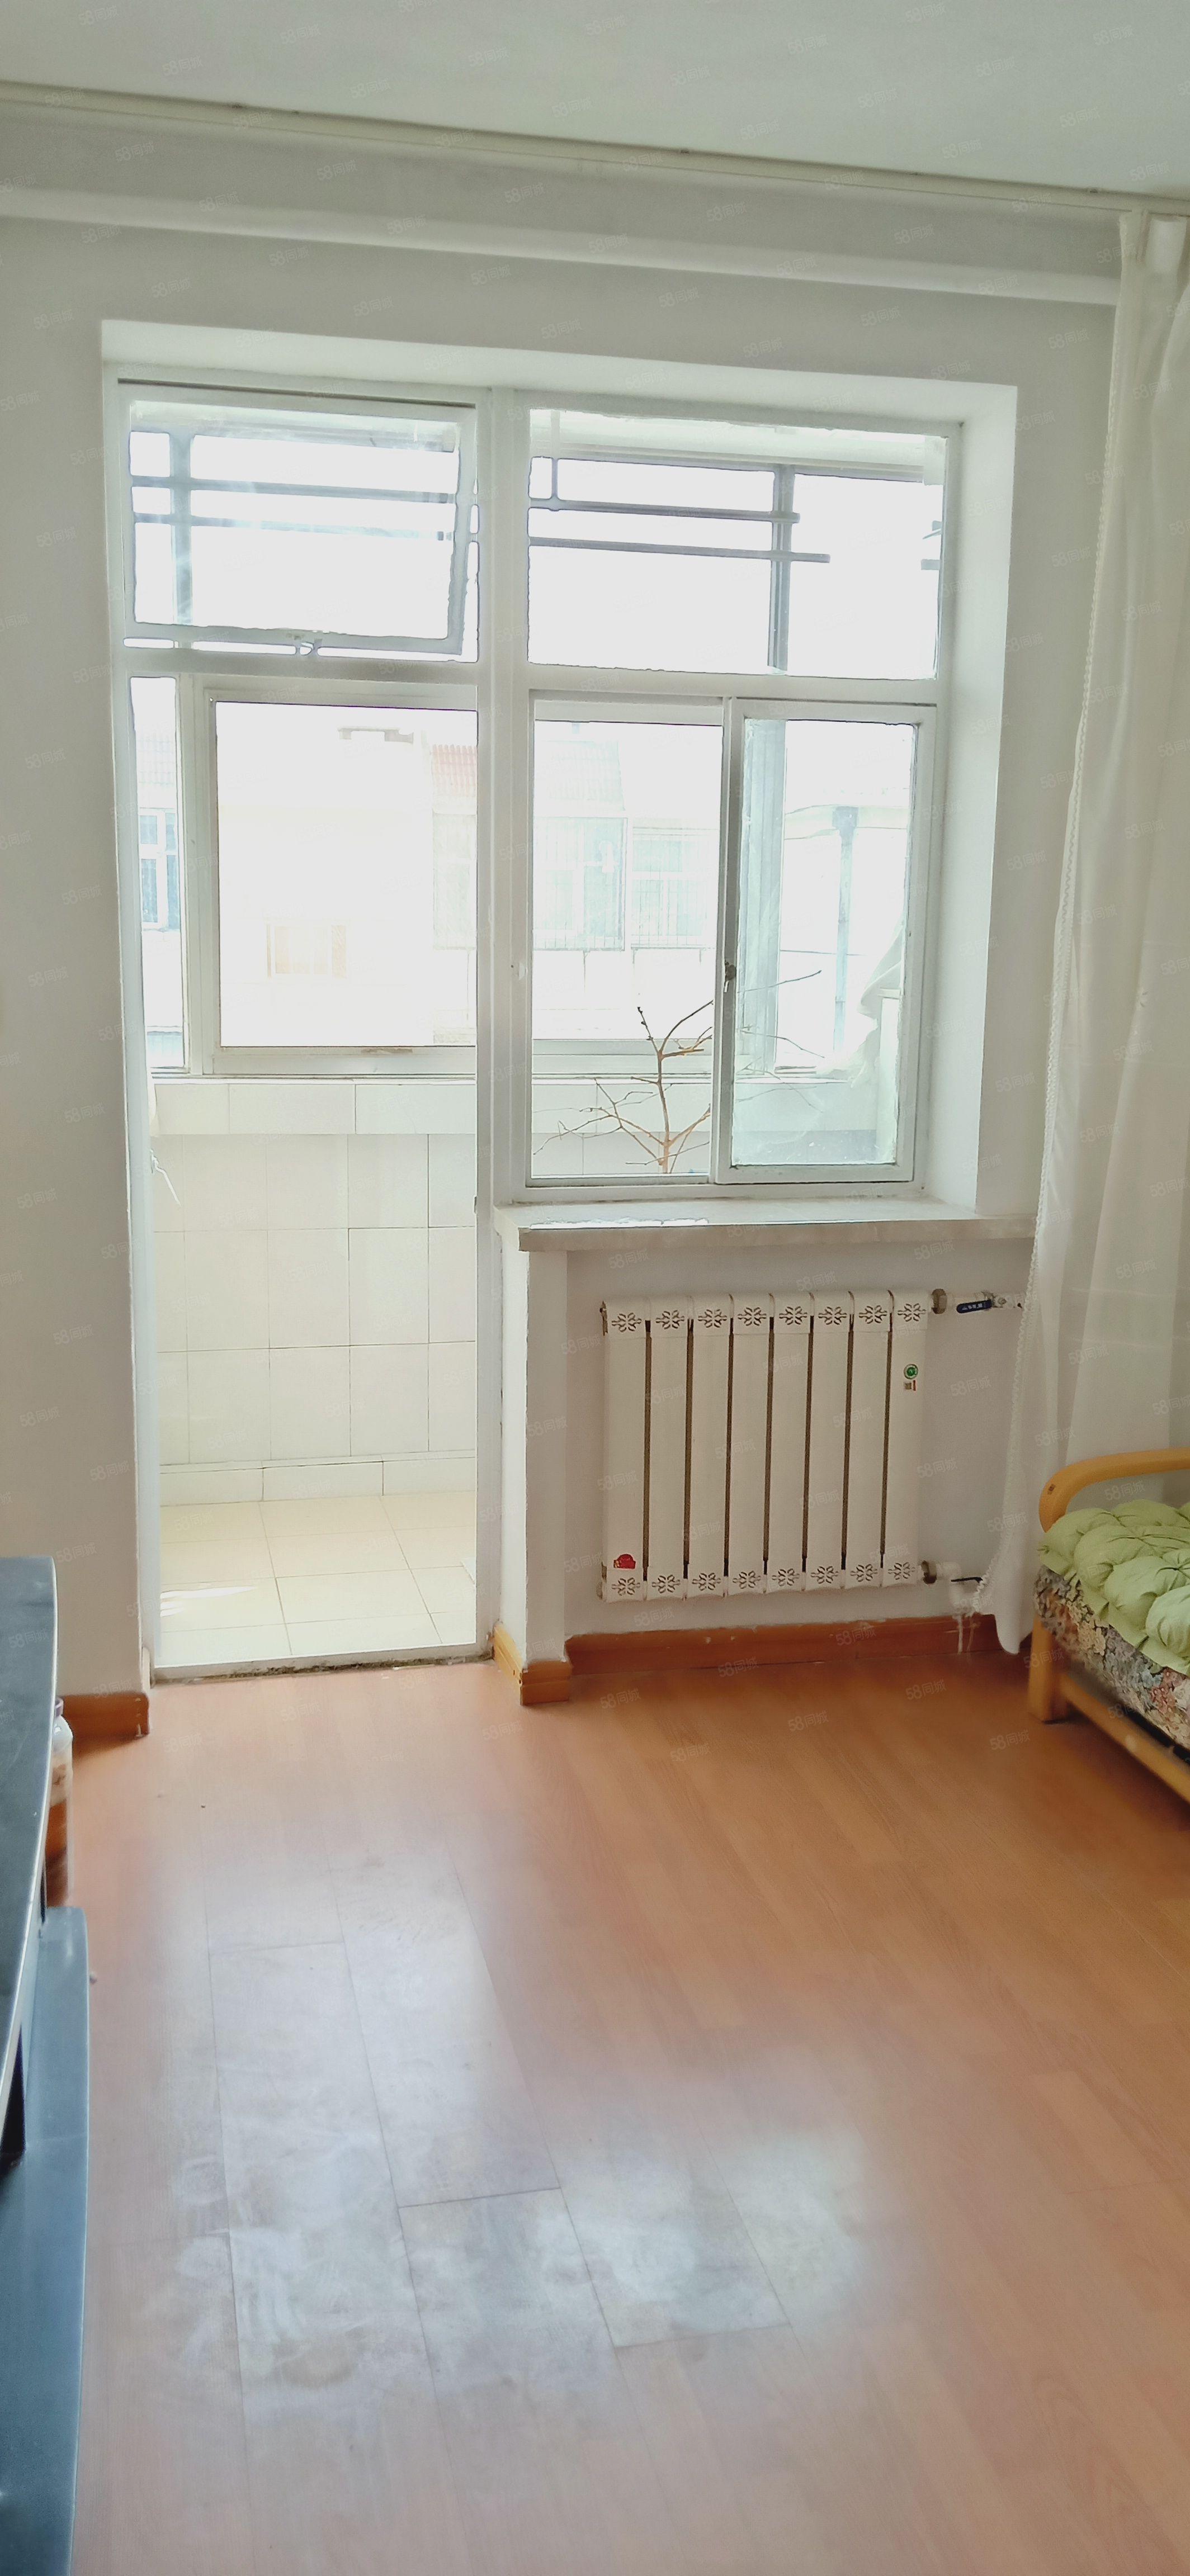 西苑小区简装干净拎包入住2室一厅出售